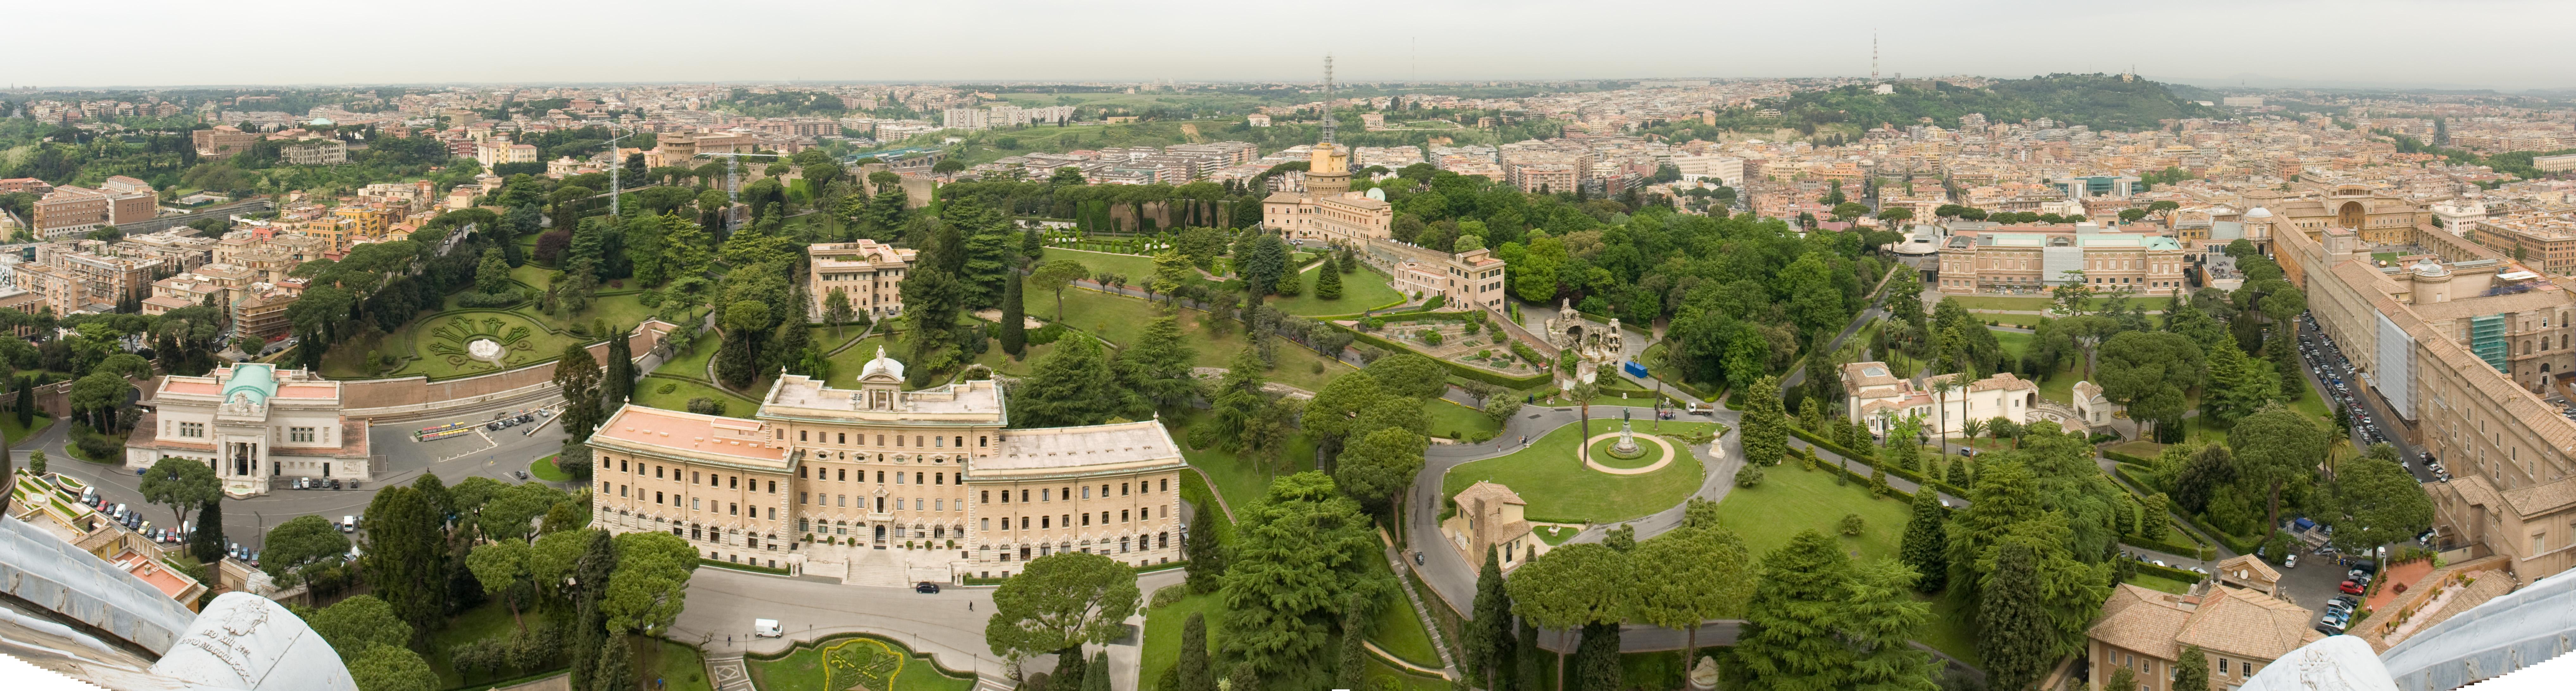 वैटिकन सिटी